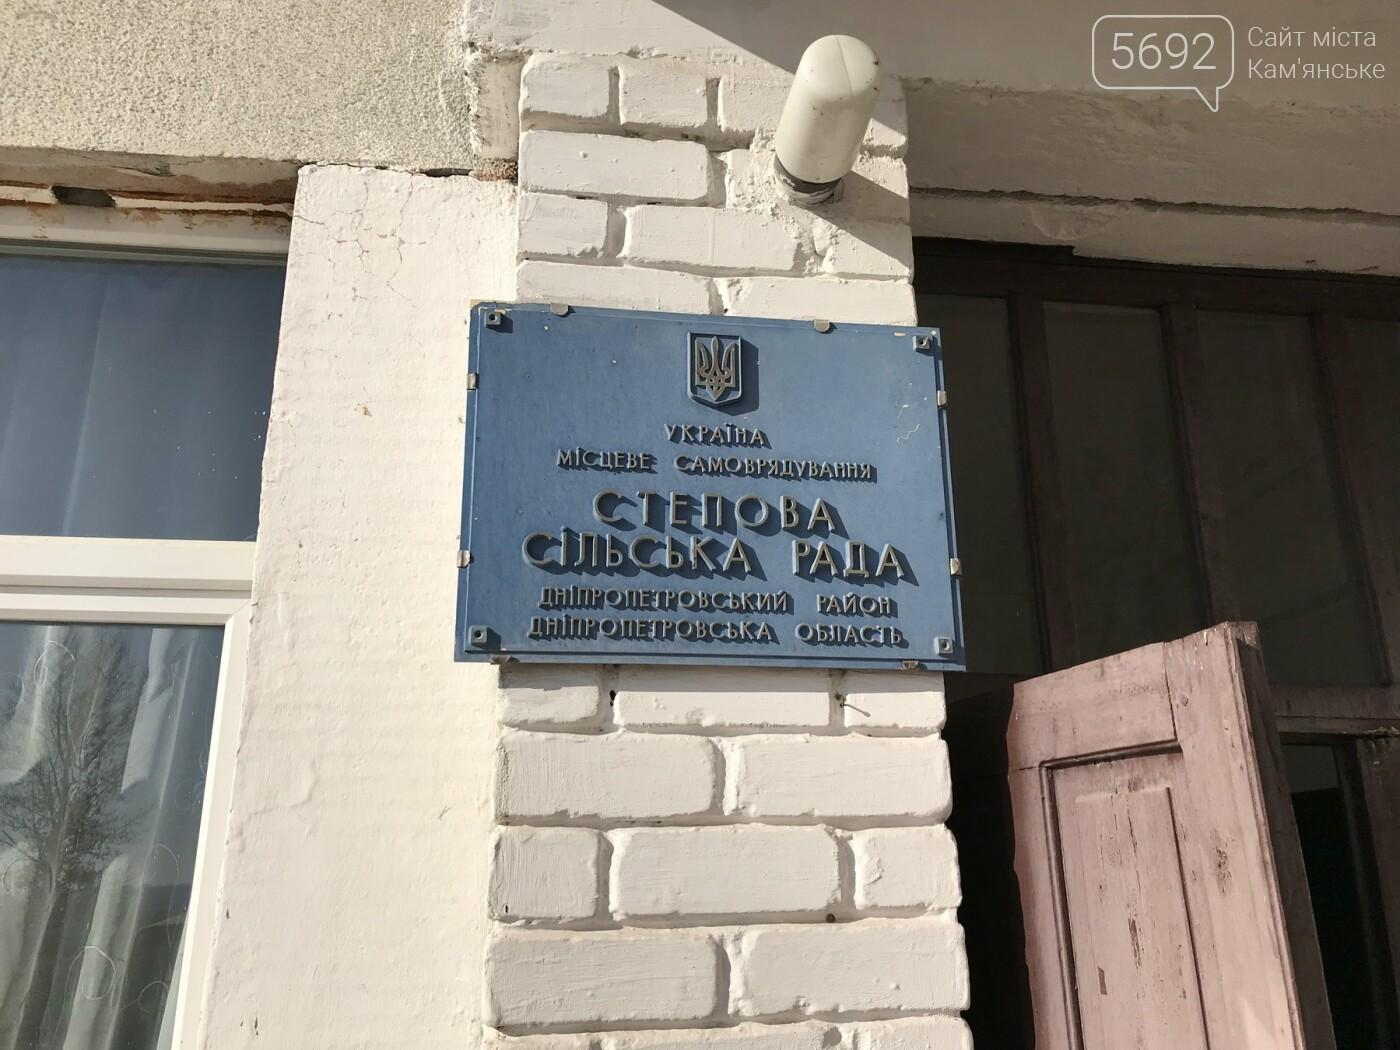 Что получит Каменское в случае присоединения: репортаж из Степового, фото-7